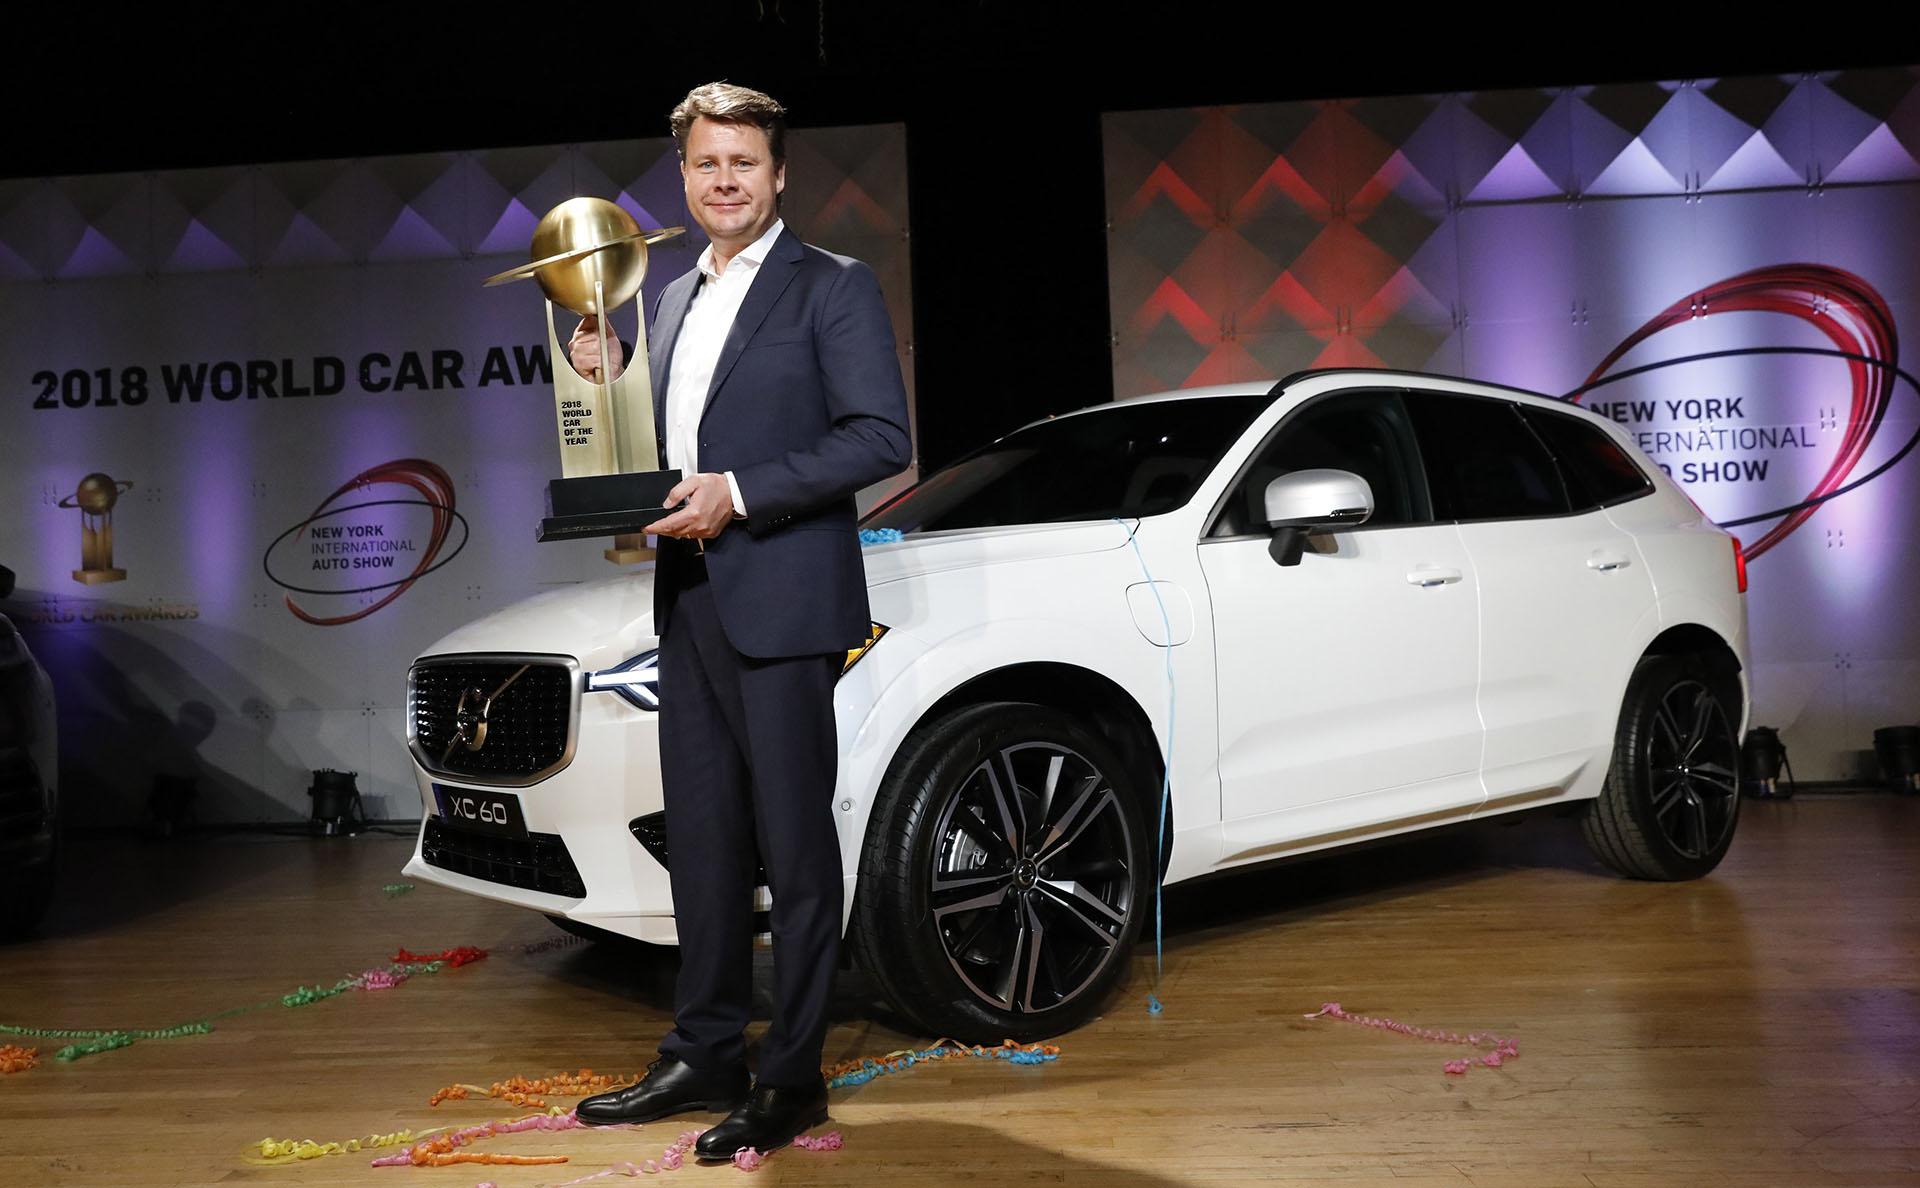 Anders Gustafsson, presidente y CEO de Volvo Car USA, recibió la distinción al Auto del Año (World Car of The Year, WCOTY) que premió al XC60. Meses atrás había sido galardonado su hermano menor, el Volvo XC40, un SUV de tamaño chico, como mejor Auto del Año en Europa 2018 en la previa del Salón del Automóvil de Ginebra